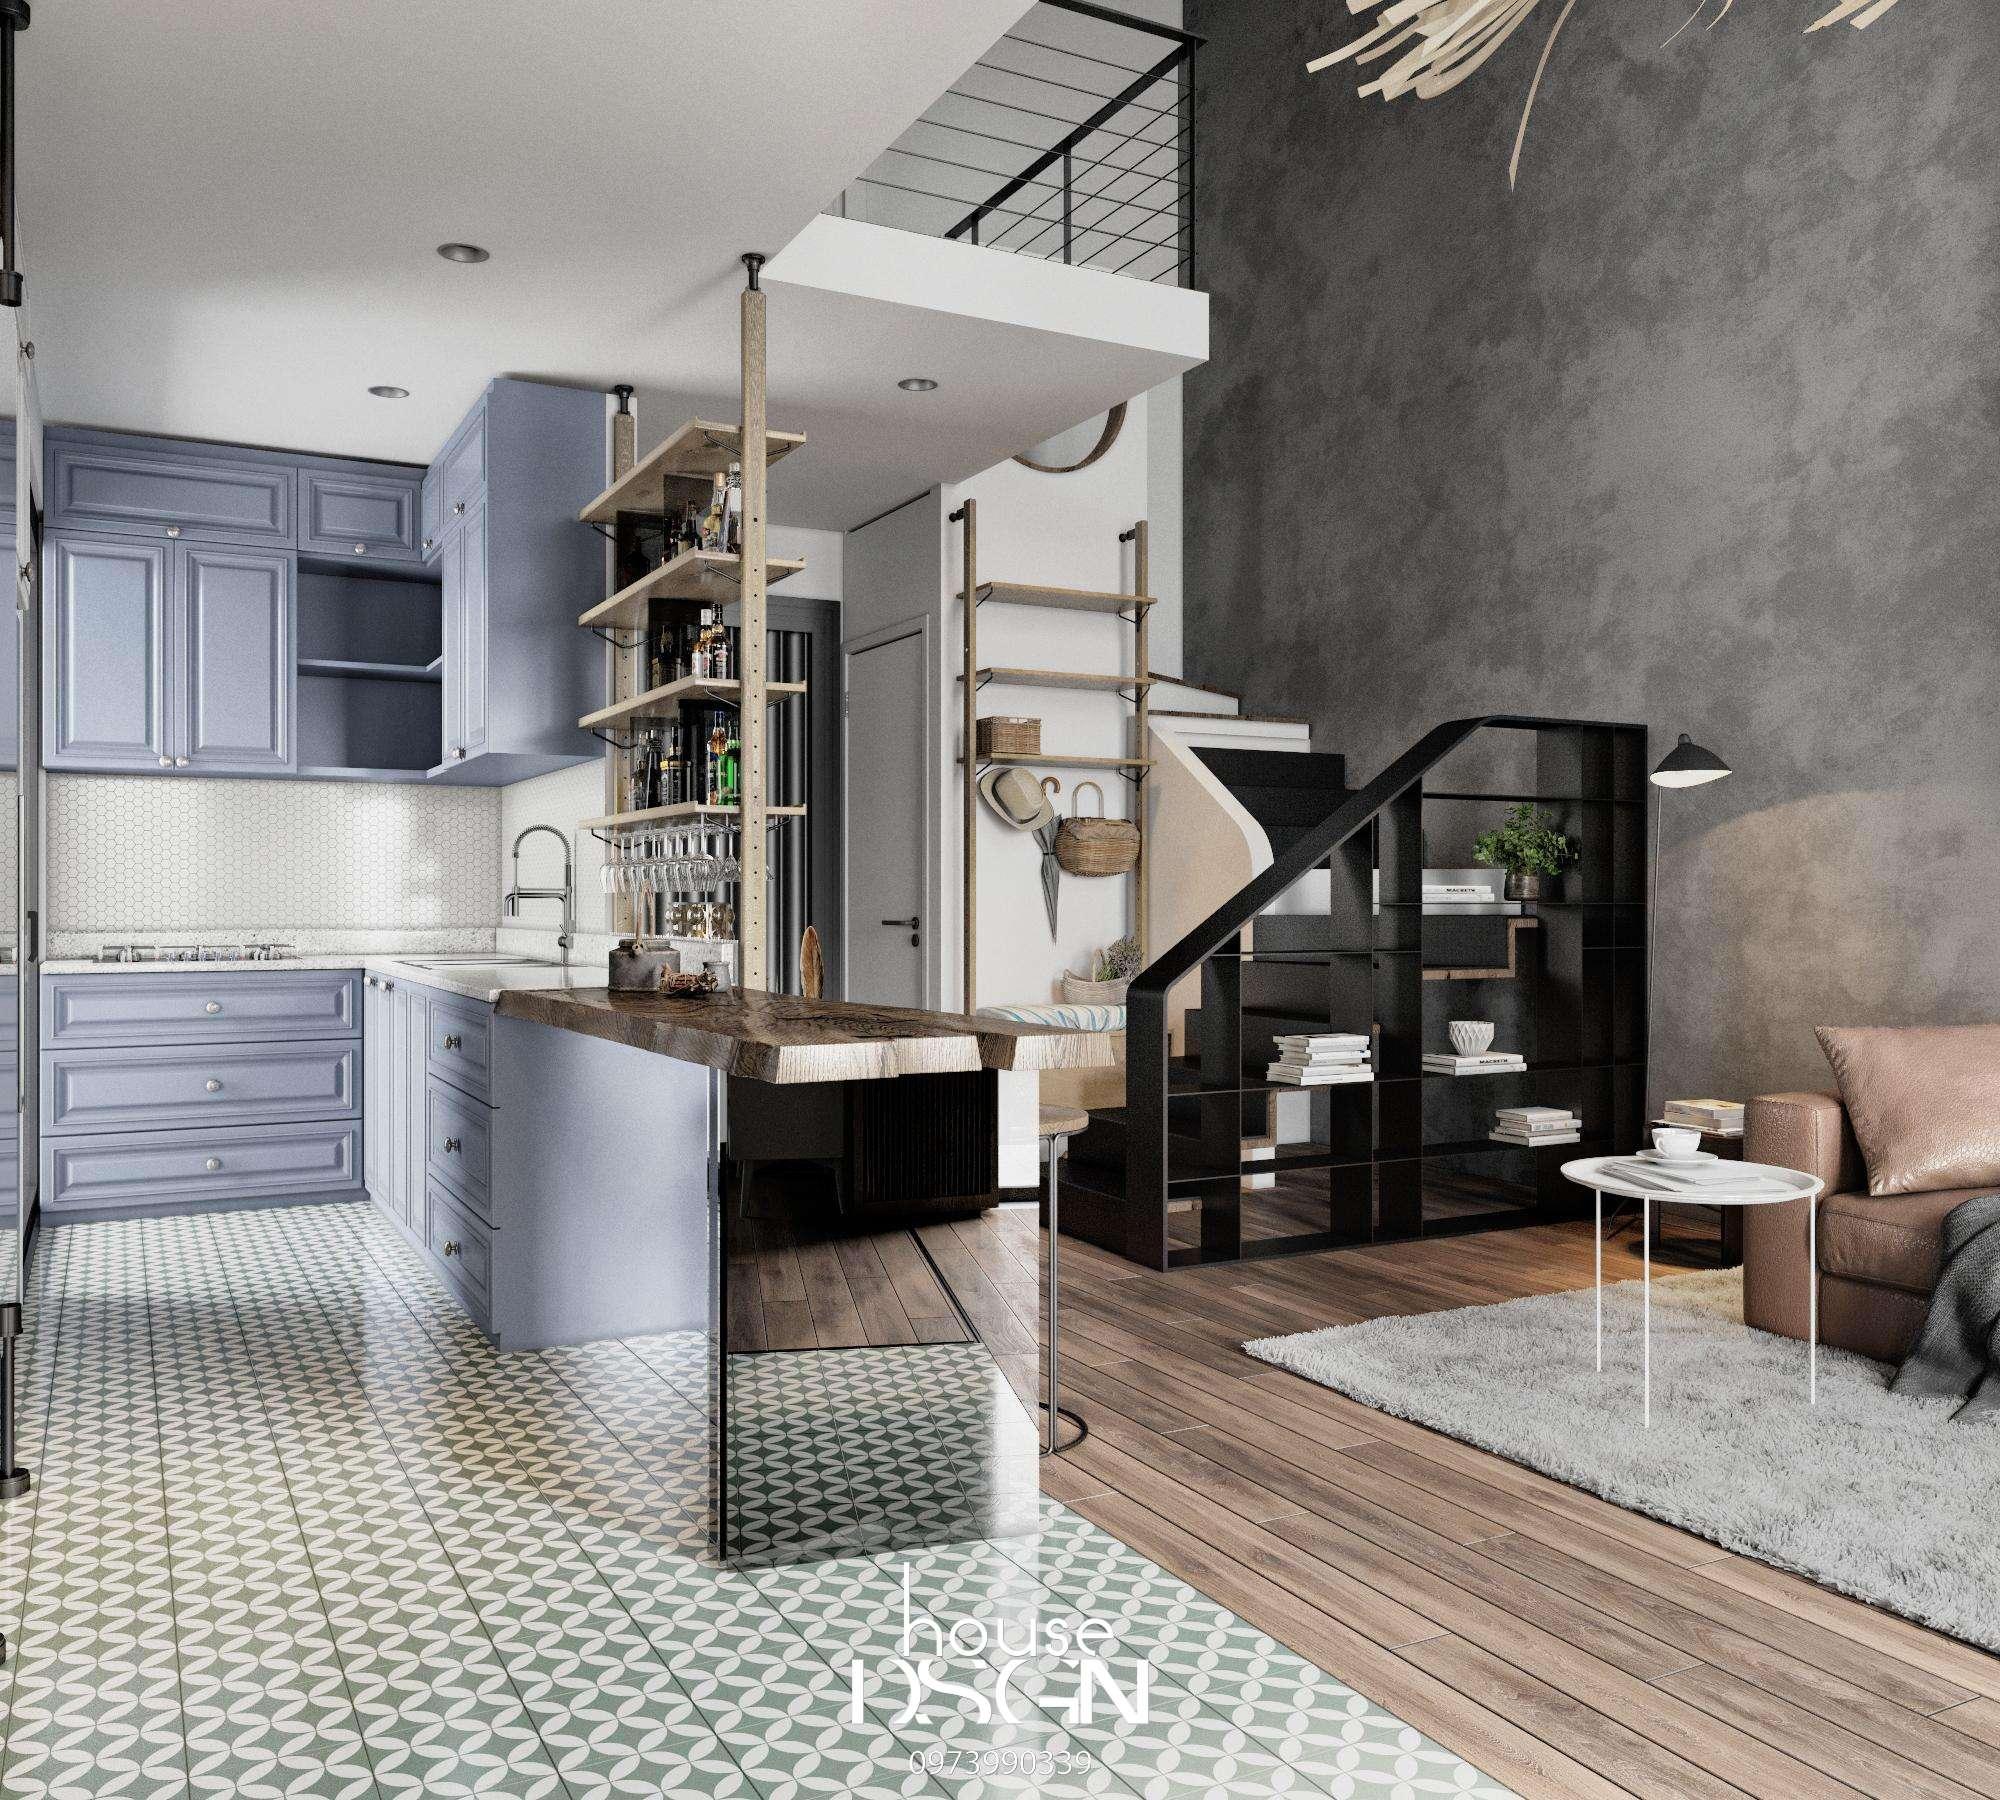 thiết kế không gian mở cho phòng khách và bếp